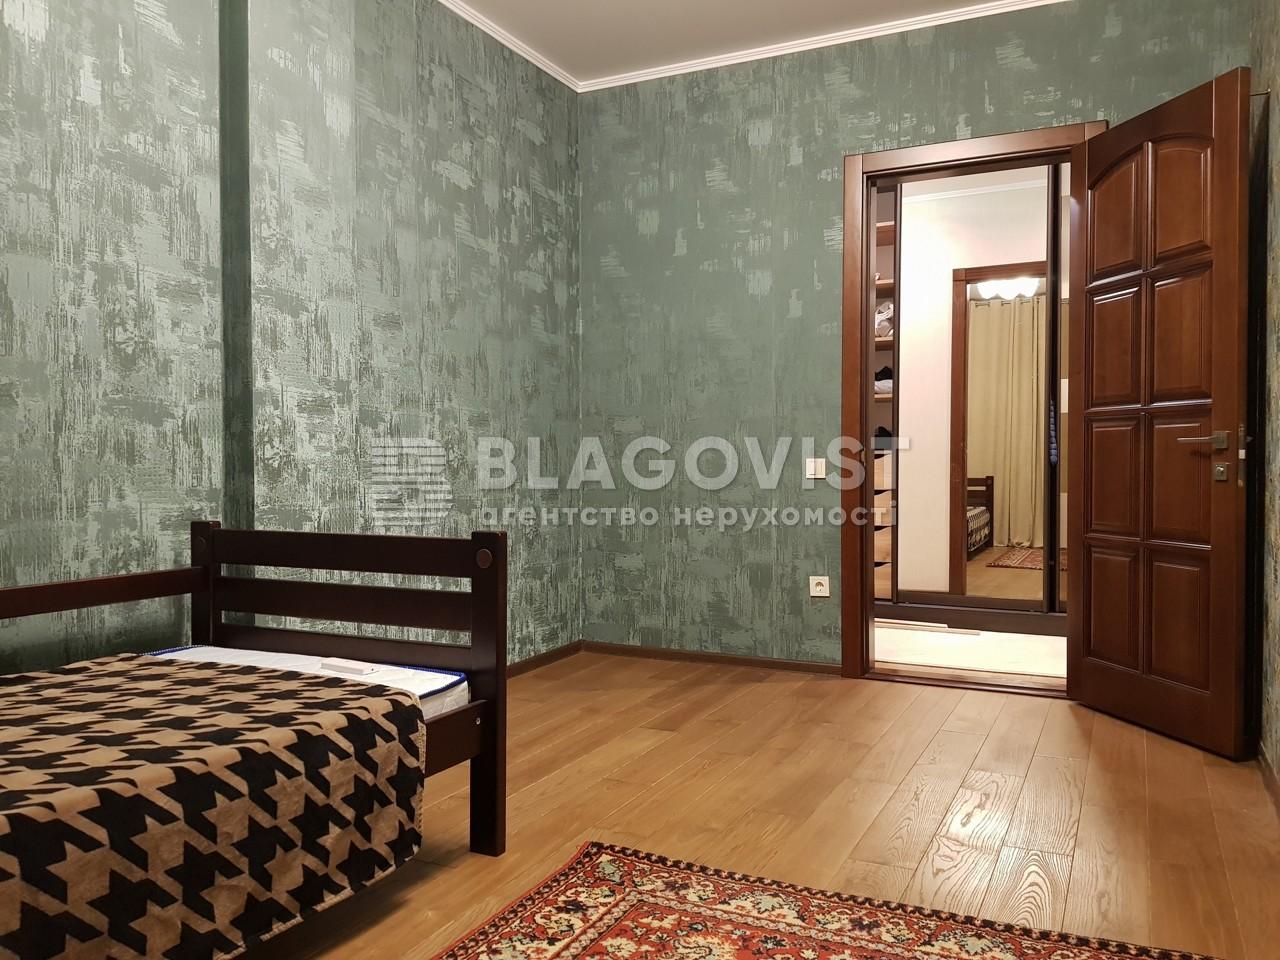 Квартира A-112206, Каховская (Никольская Слободка), 62, Киев - Фото 12